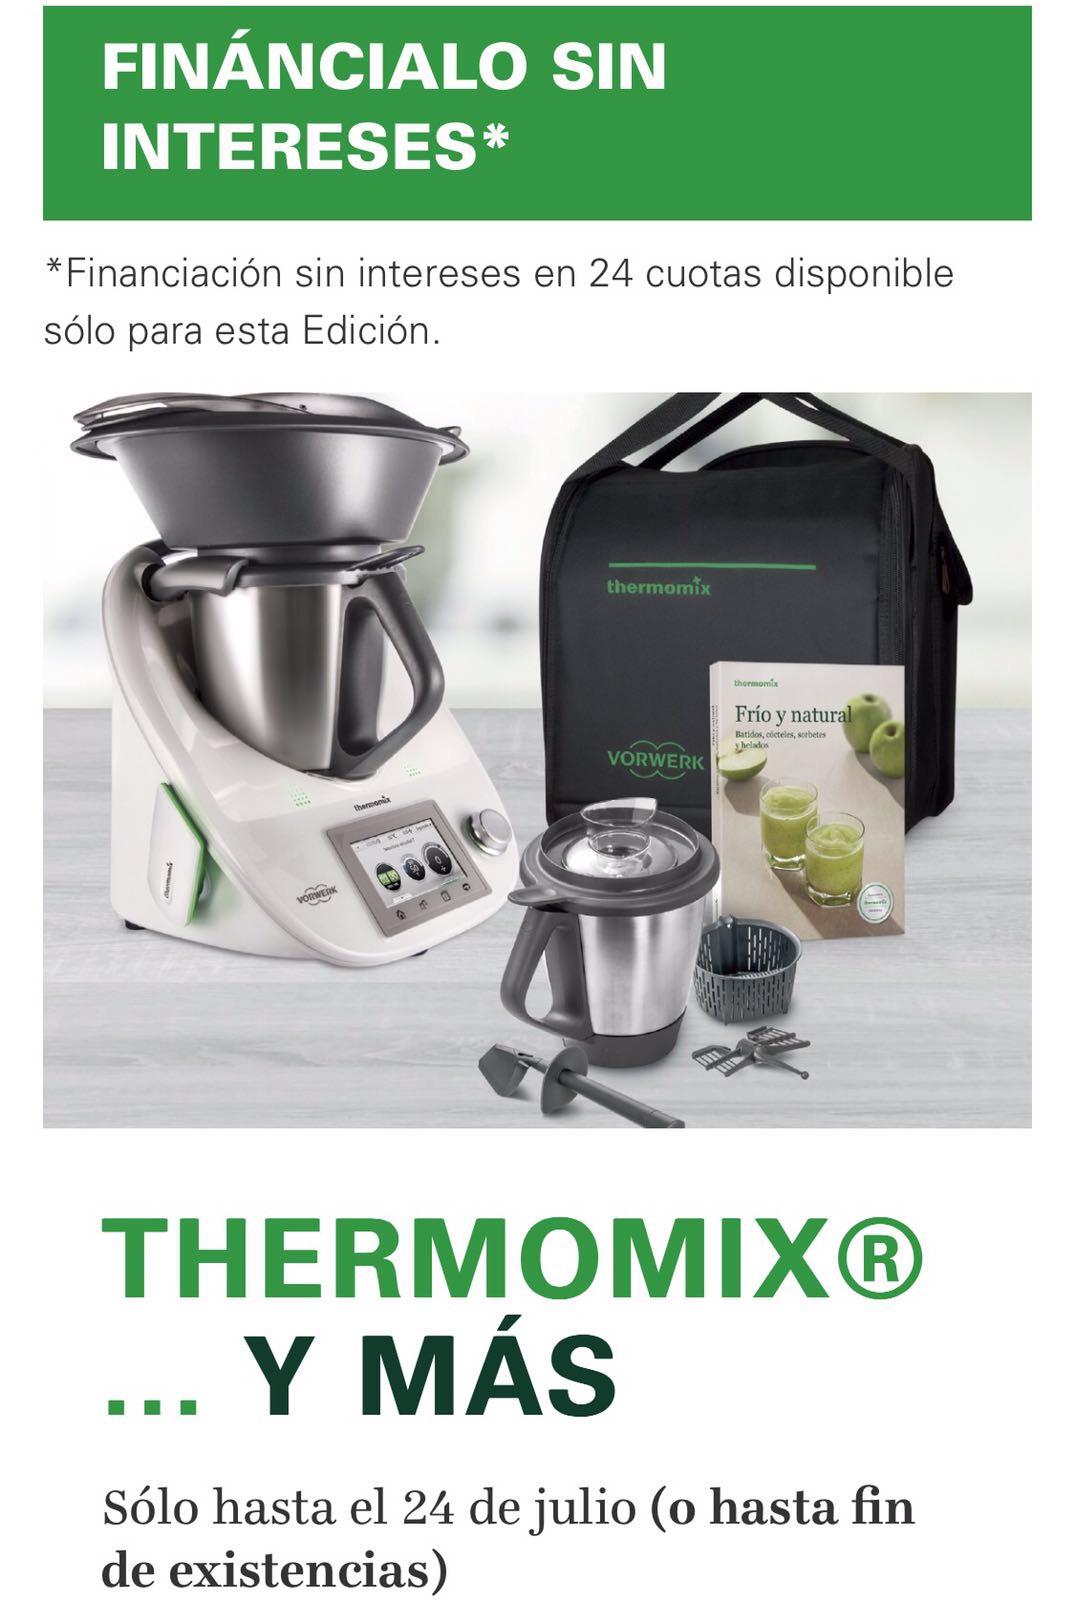 Thermomix® ... y MÁS